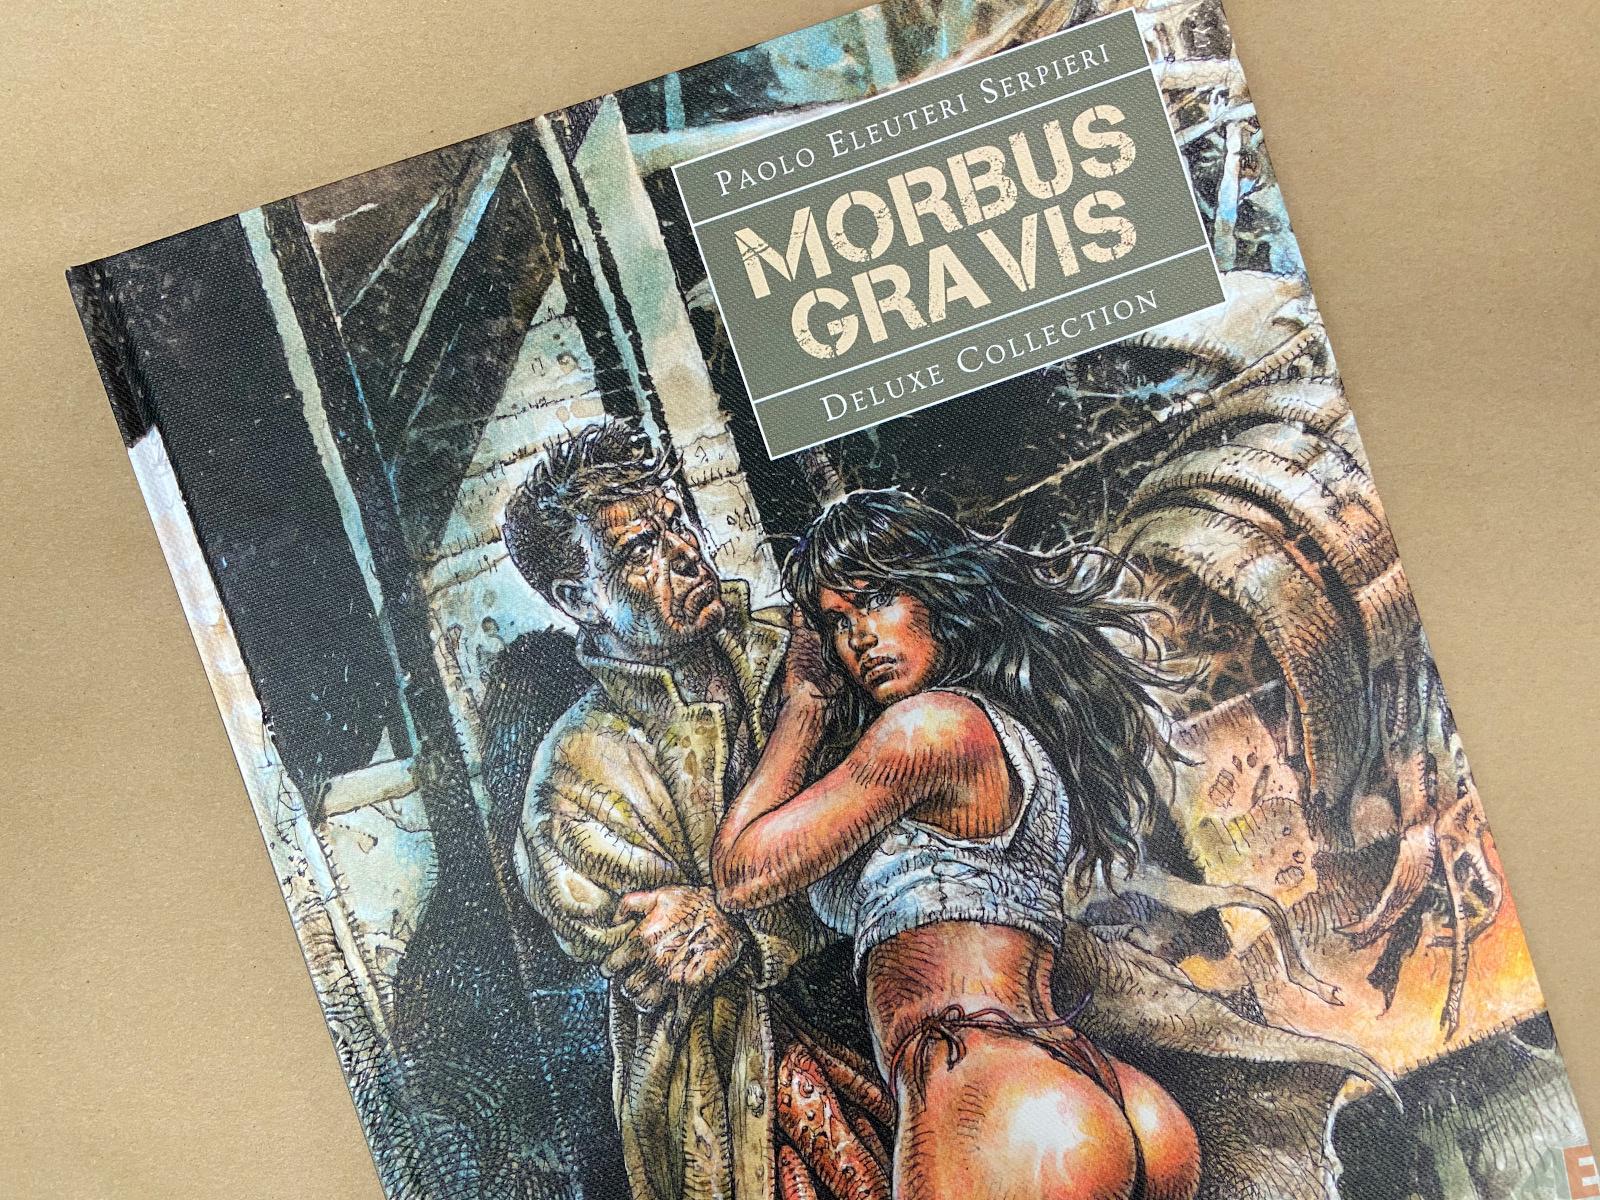 Morbus Gravis Deluxe Edition interior 14